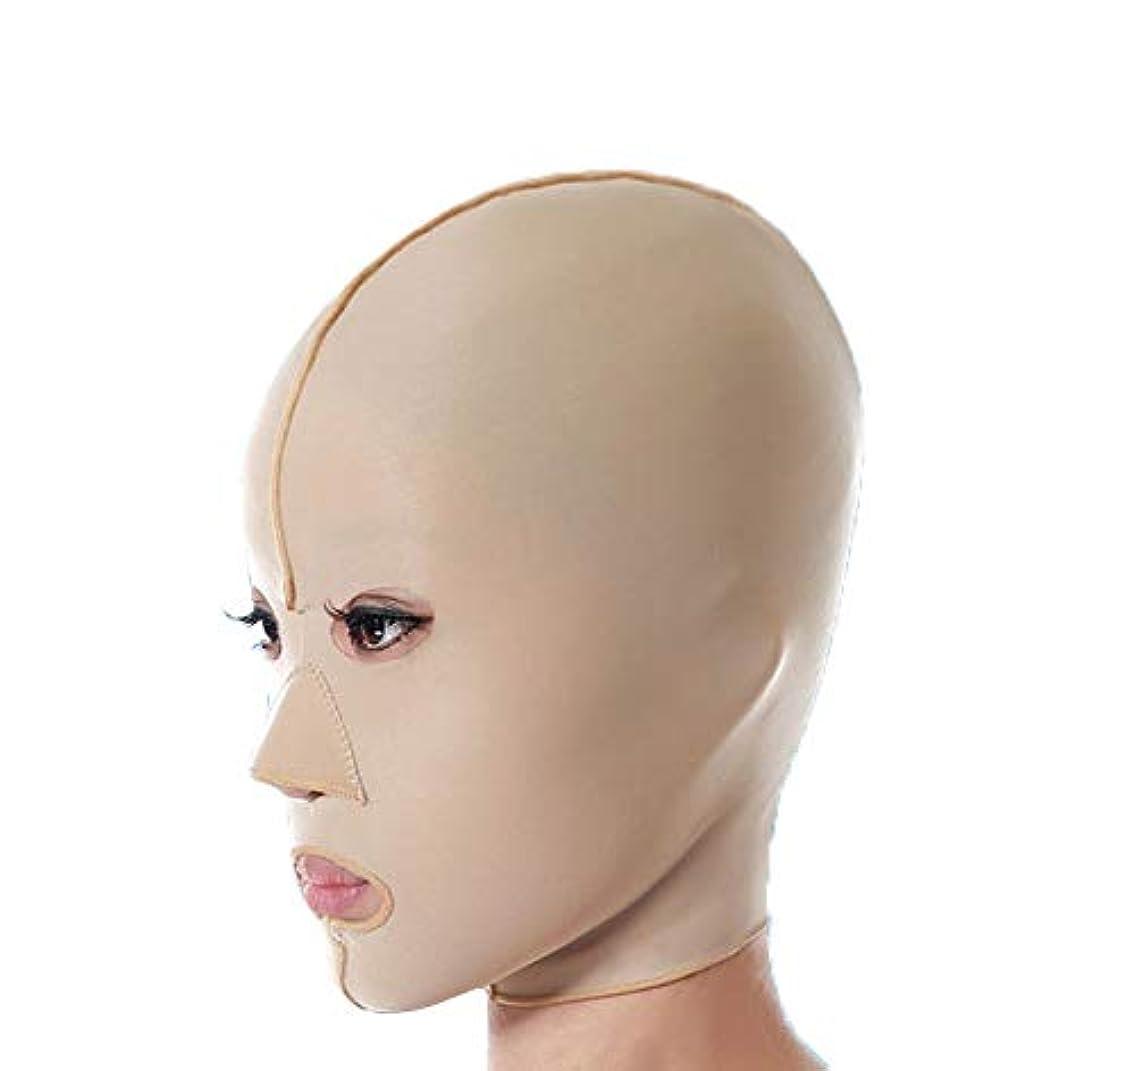 コンパイル傑出した郵便XHLMRMJ 引き締めフェイスマスク、フェイシャルマスク薬強力なフェイスマスクアーティファクト美容垂れ防止法パターンフェイシャルリフティング引き締めフルフェイスマスク (Size : L)